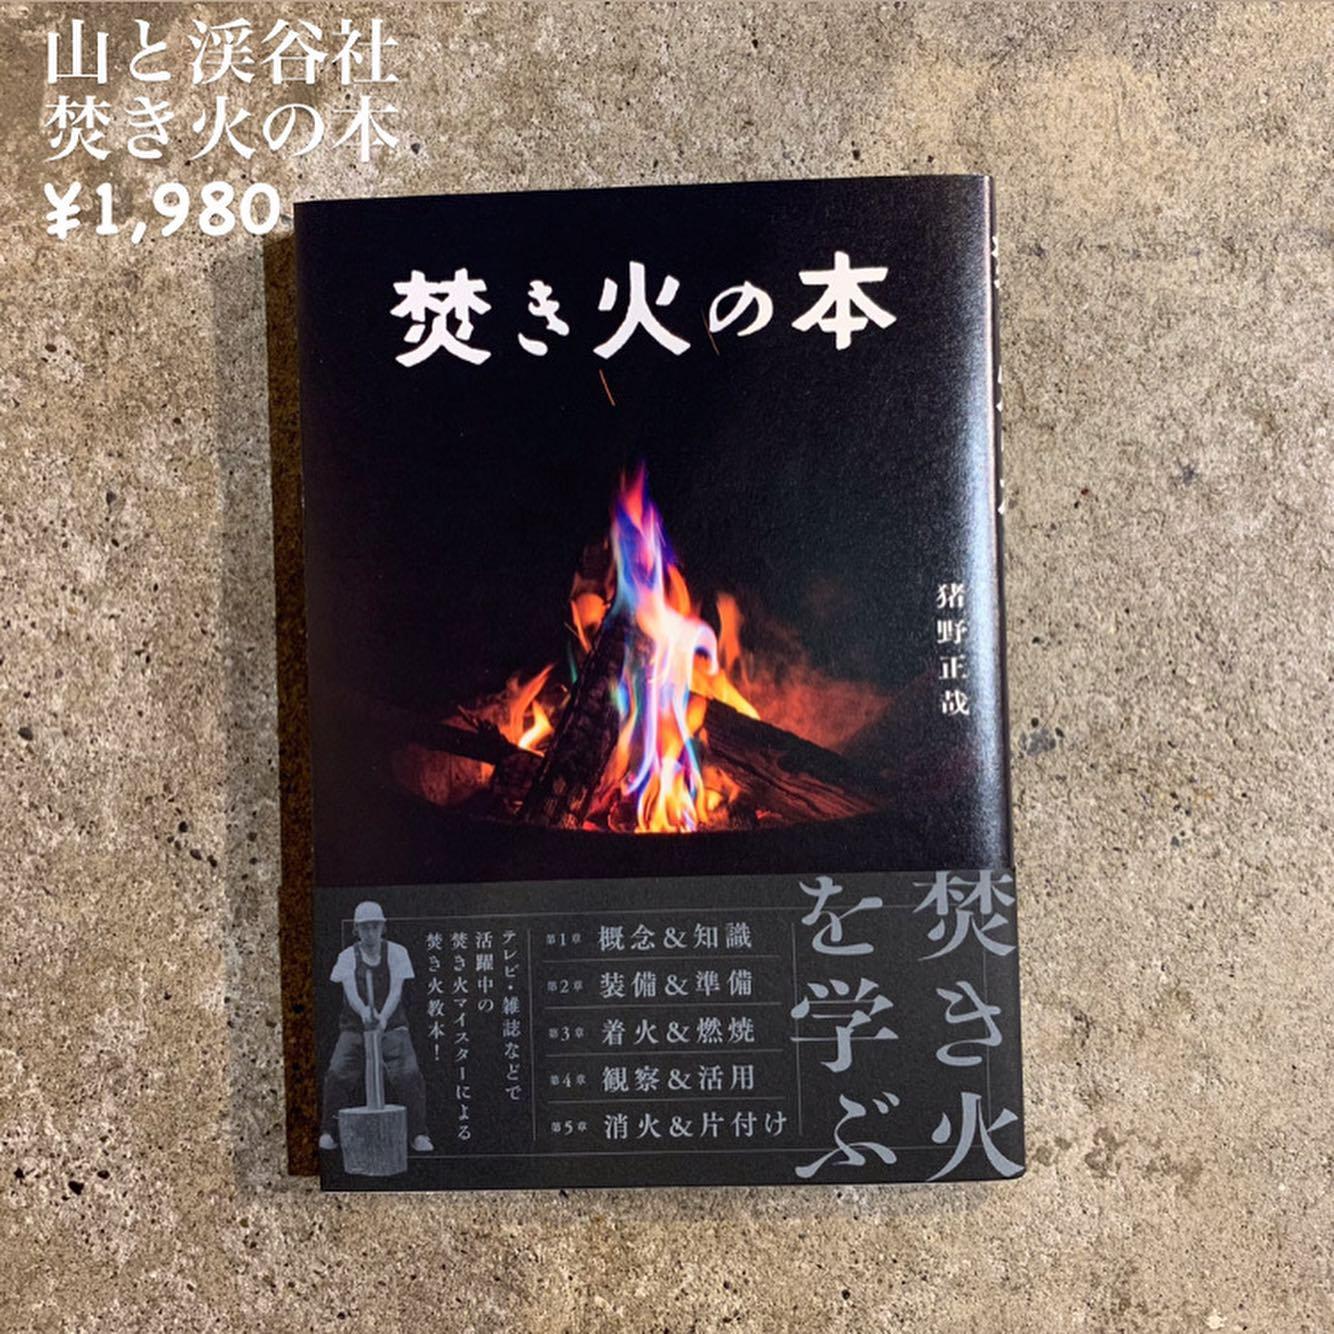 焚き火マイスターの語る「焚き火の魅力」